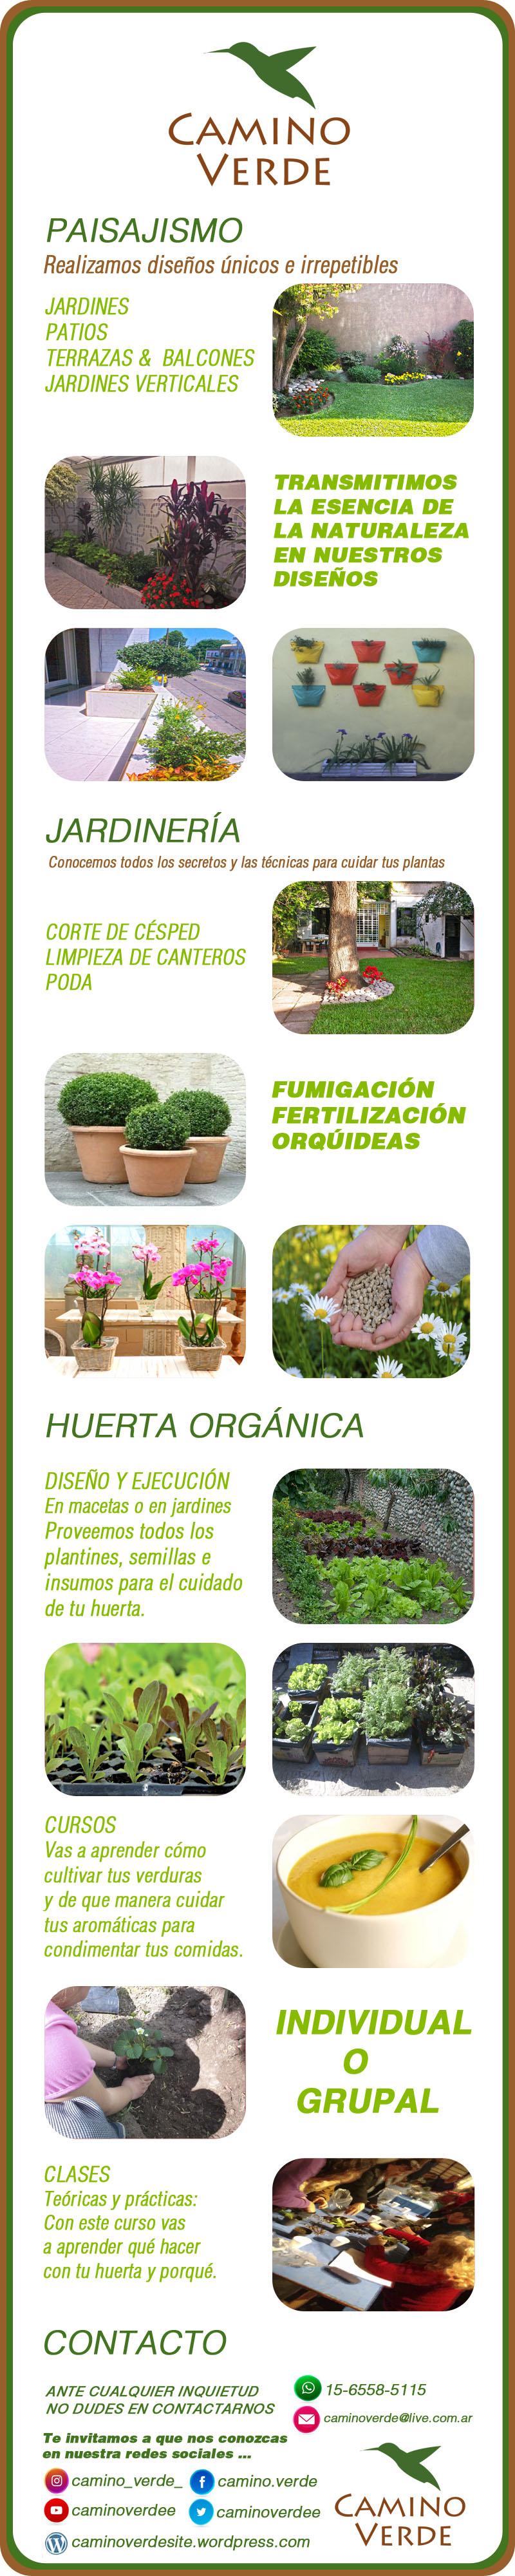 caminoverde_paisajismo_jardiner_a_huerta_org_nica